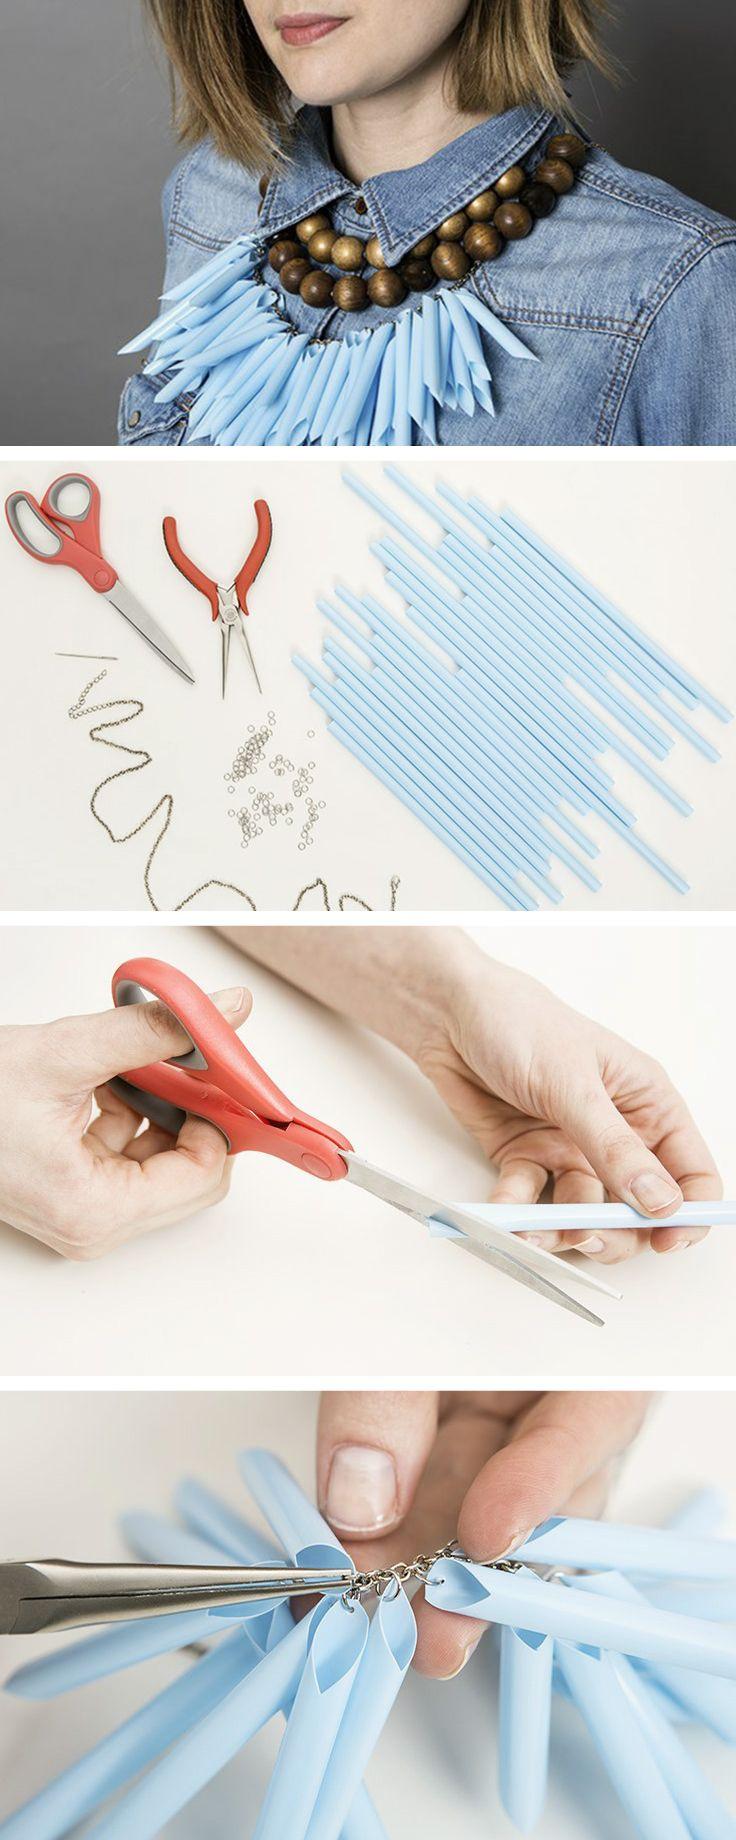 #Tutoriel : Fabriquez un collier #plastron original en pailles ! #DIY